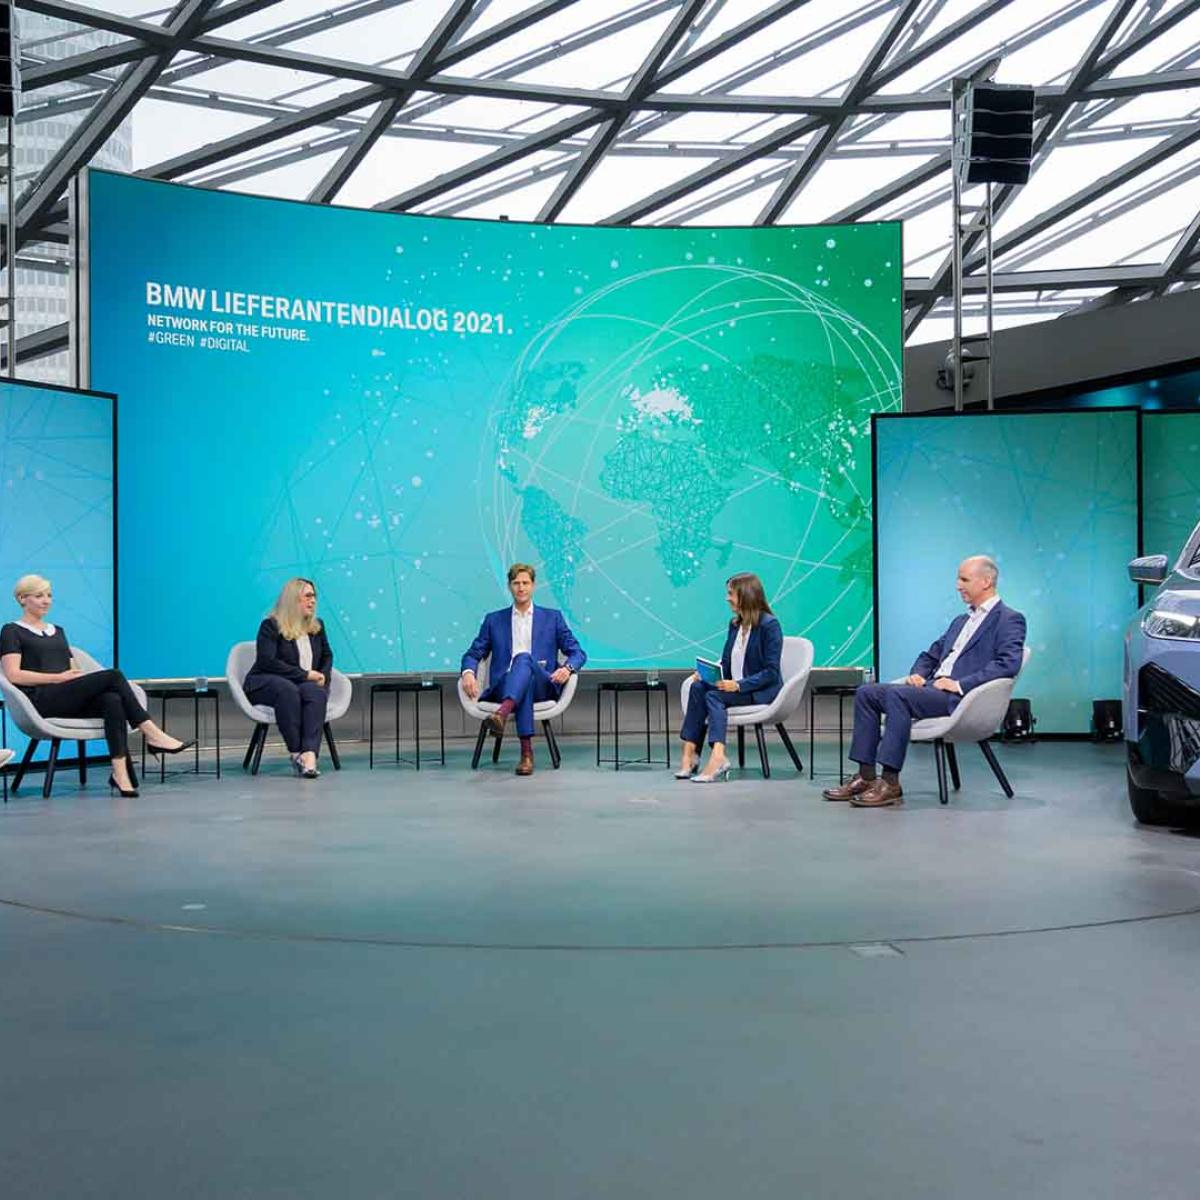 BMW Lieferantendialog 2021